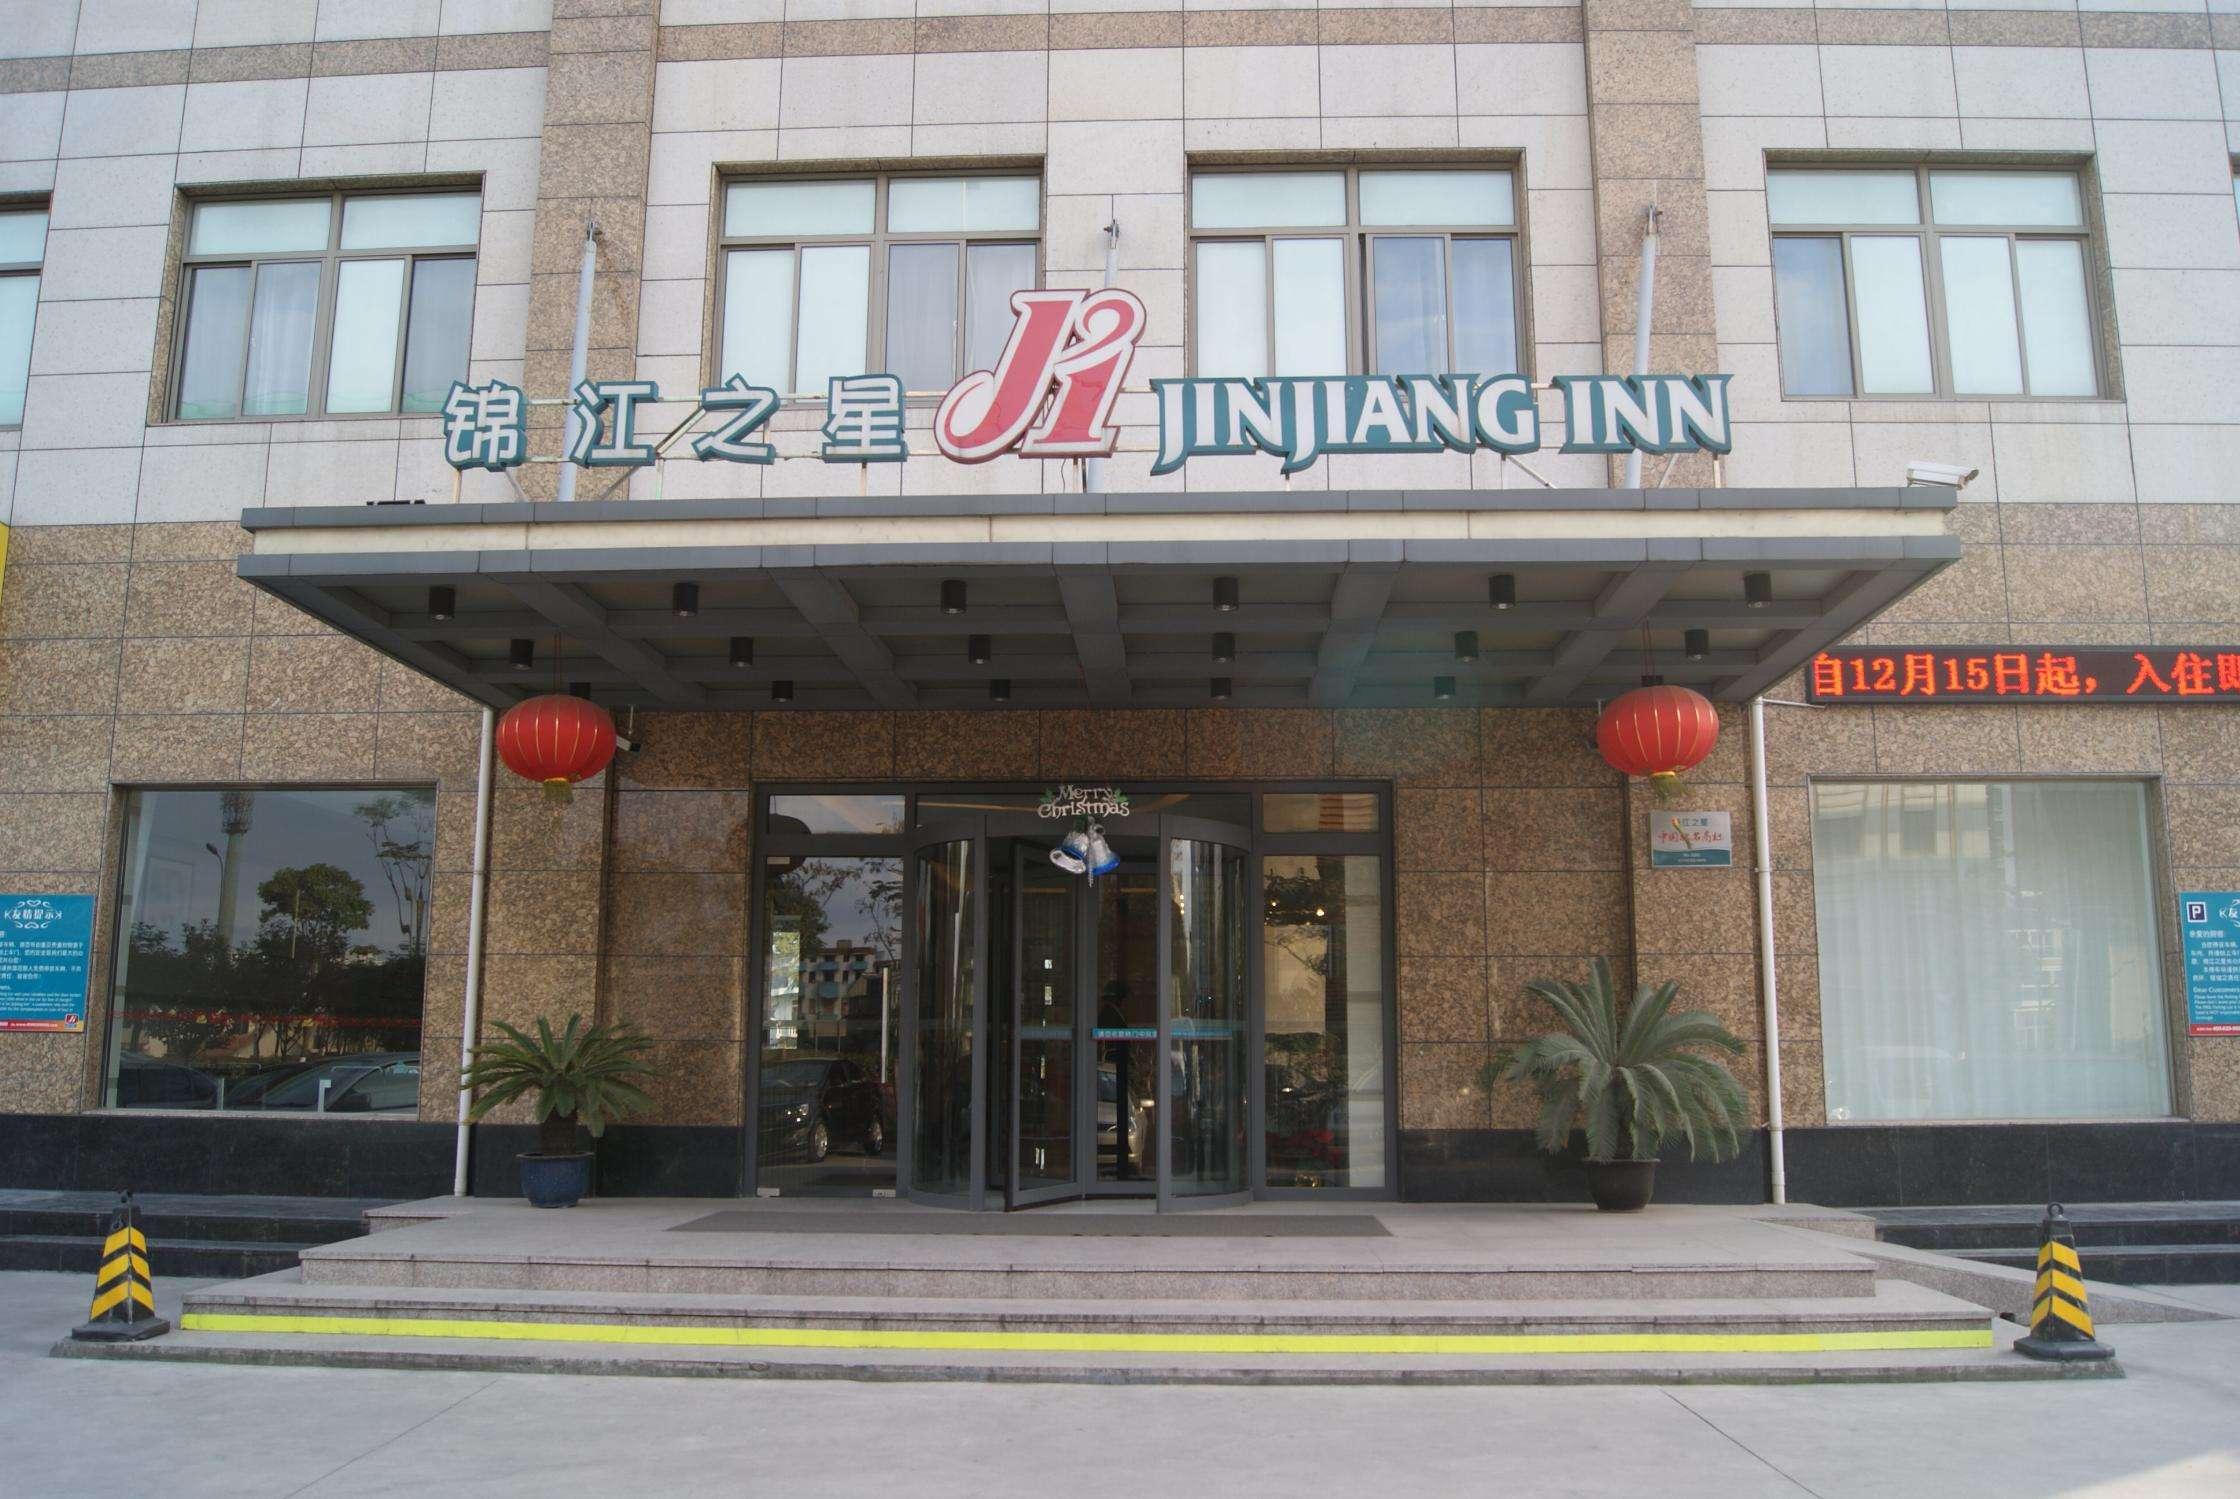 上海锦江之星连锁酒店-客户地毯案例